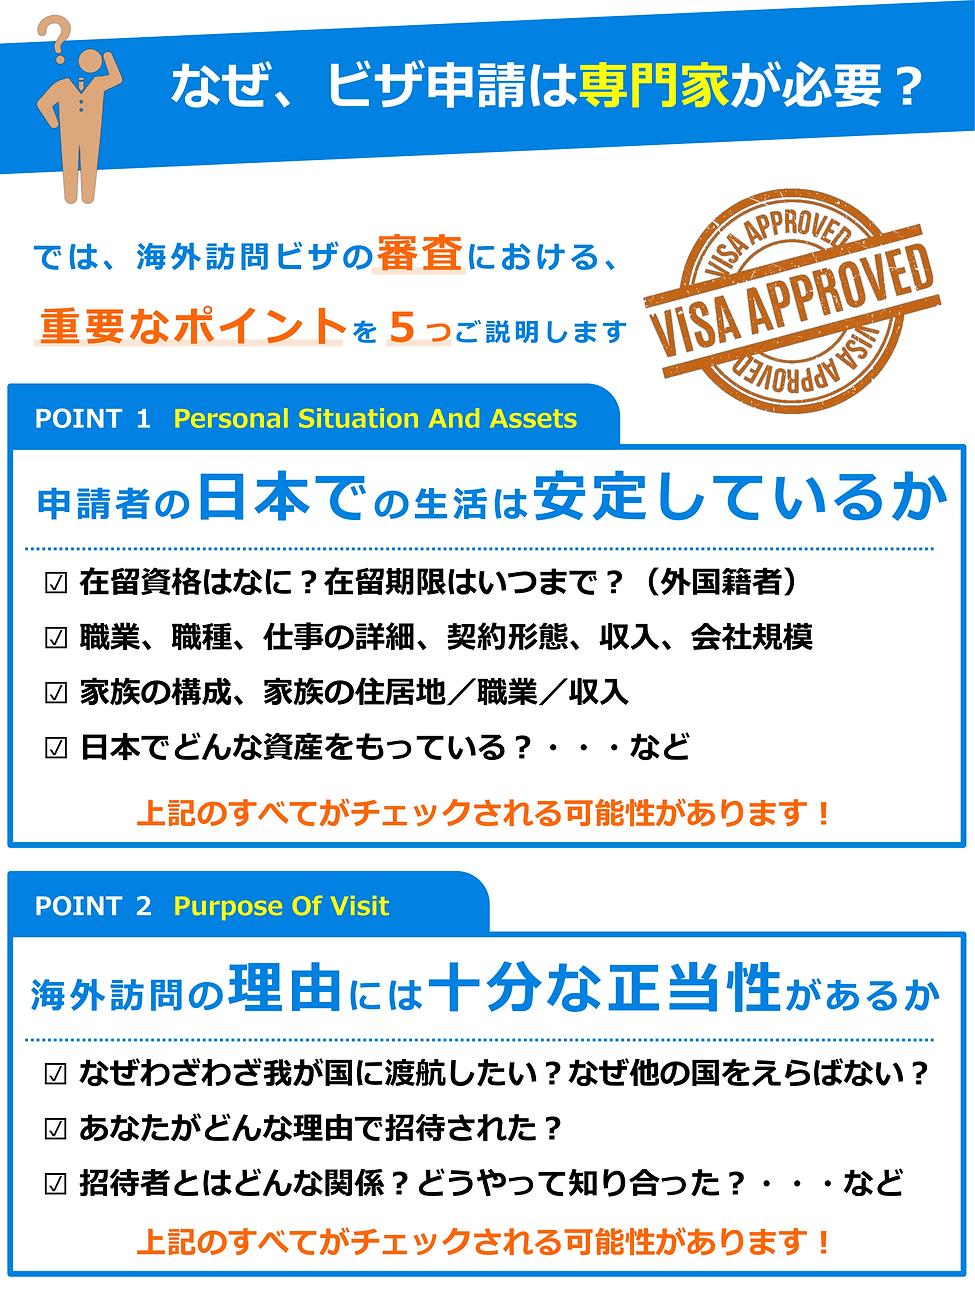 アメリカ ビザ 申請 代行-03.png